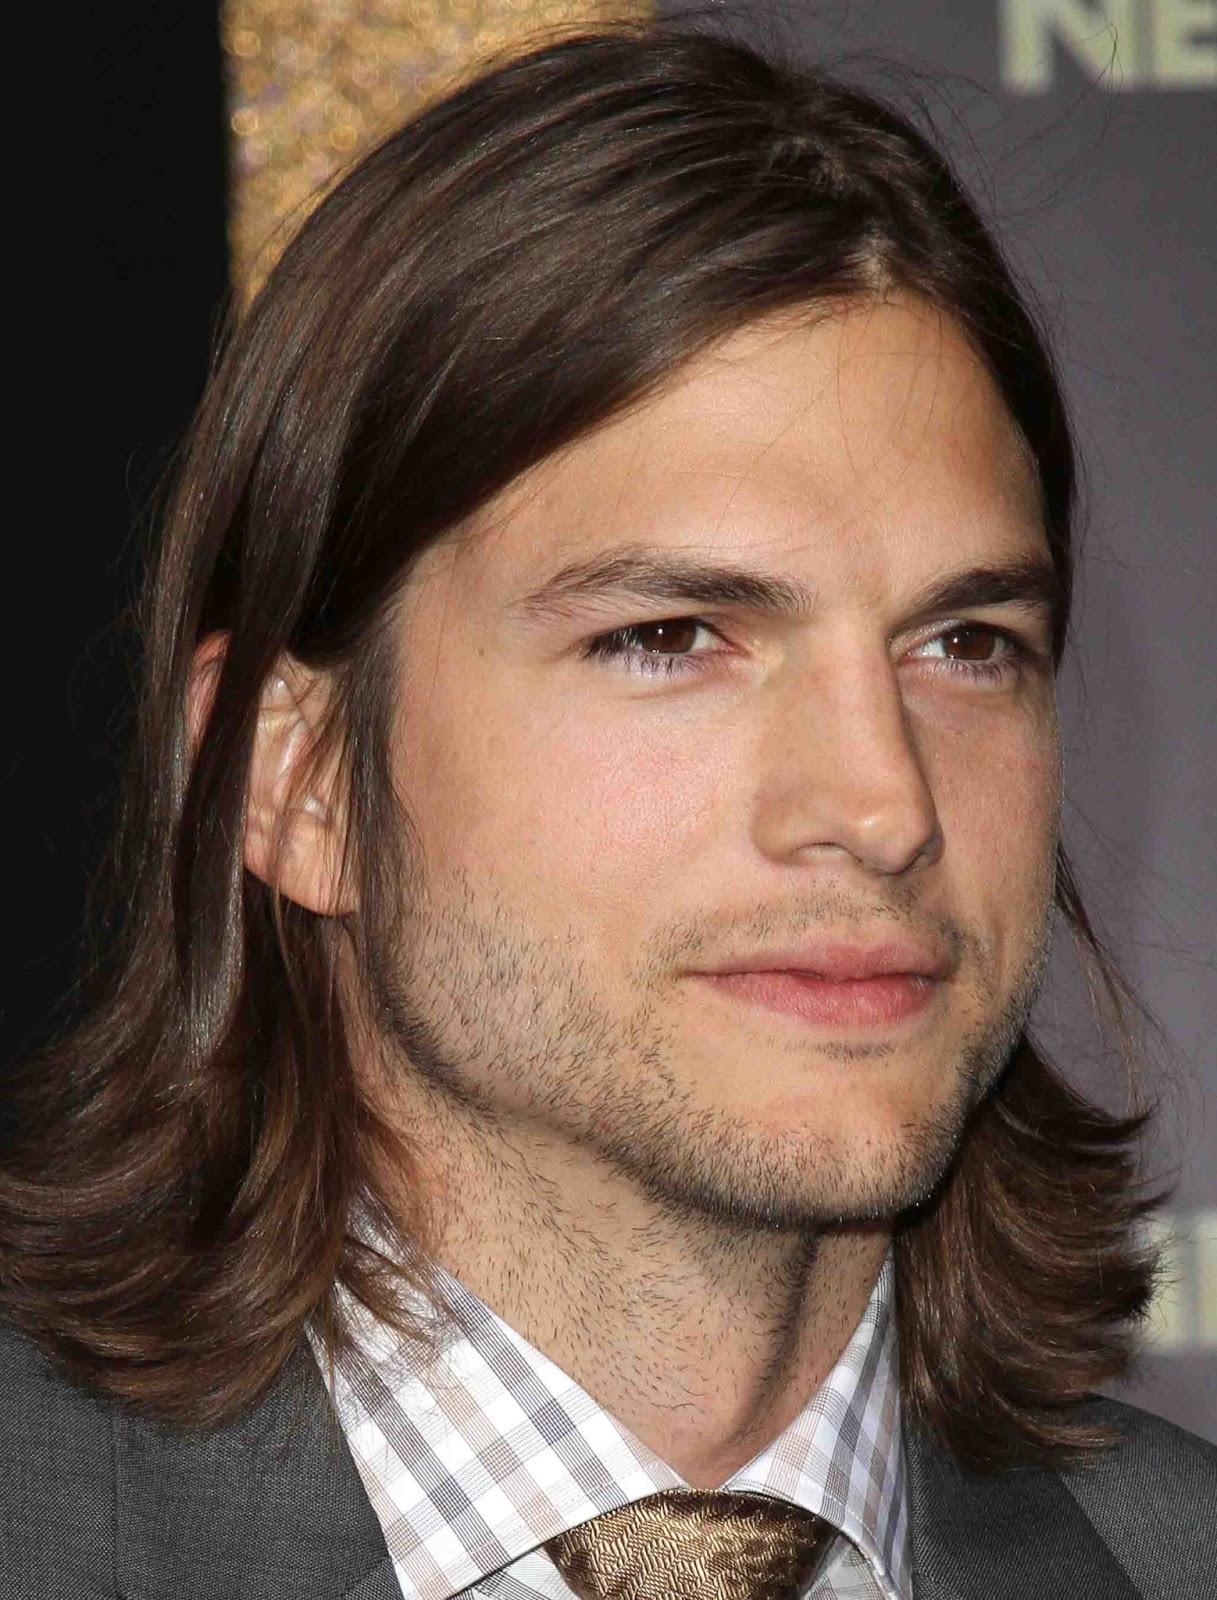 http://3.bp.blogspot.com/-b9QeyhPFDj4/UR0yxMDL0VI/AAAAAAACsnQ/QeXefmxGzgY/s1600/Ashton+Kutcher+In+Esquire.jpg